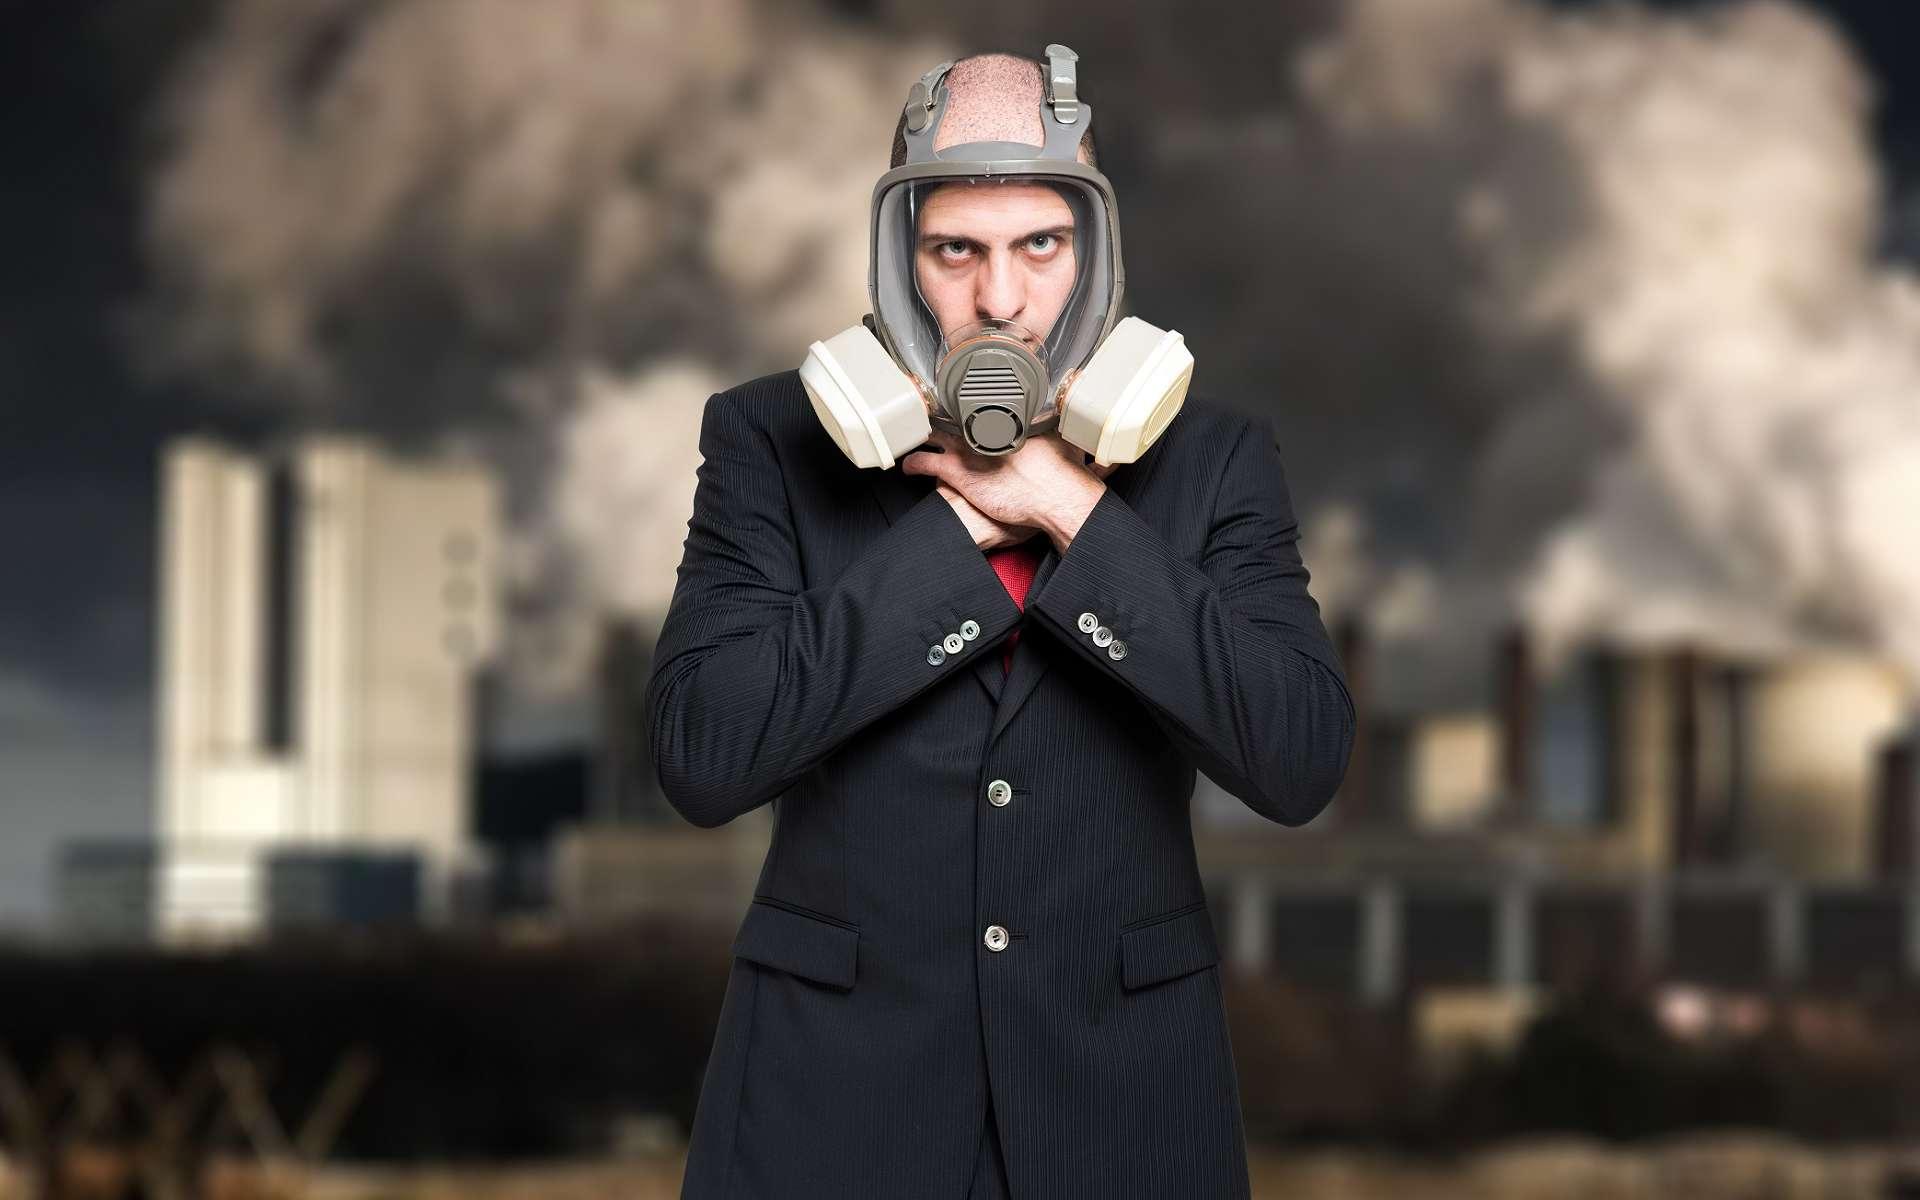 La pollution de l'air est excessive dans la majorité des villes de plus de 100.000 habitants dans le monde. © Minerva Studio, Shutterstock